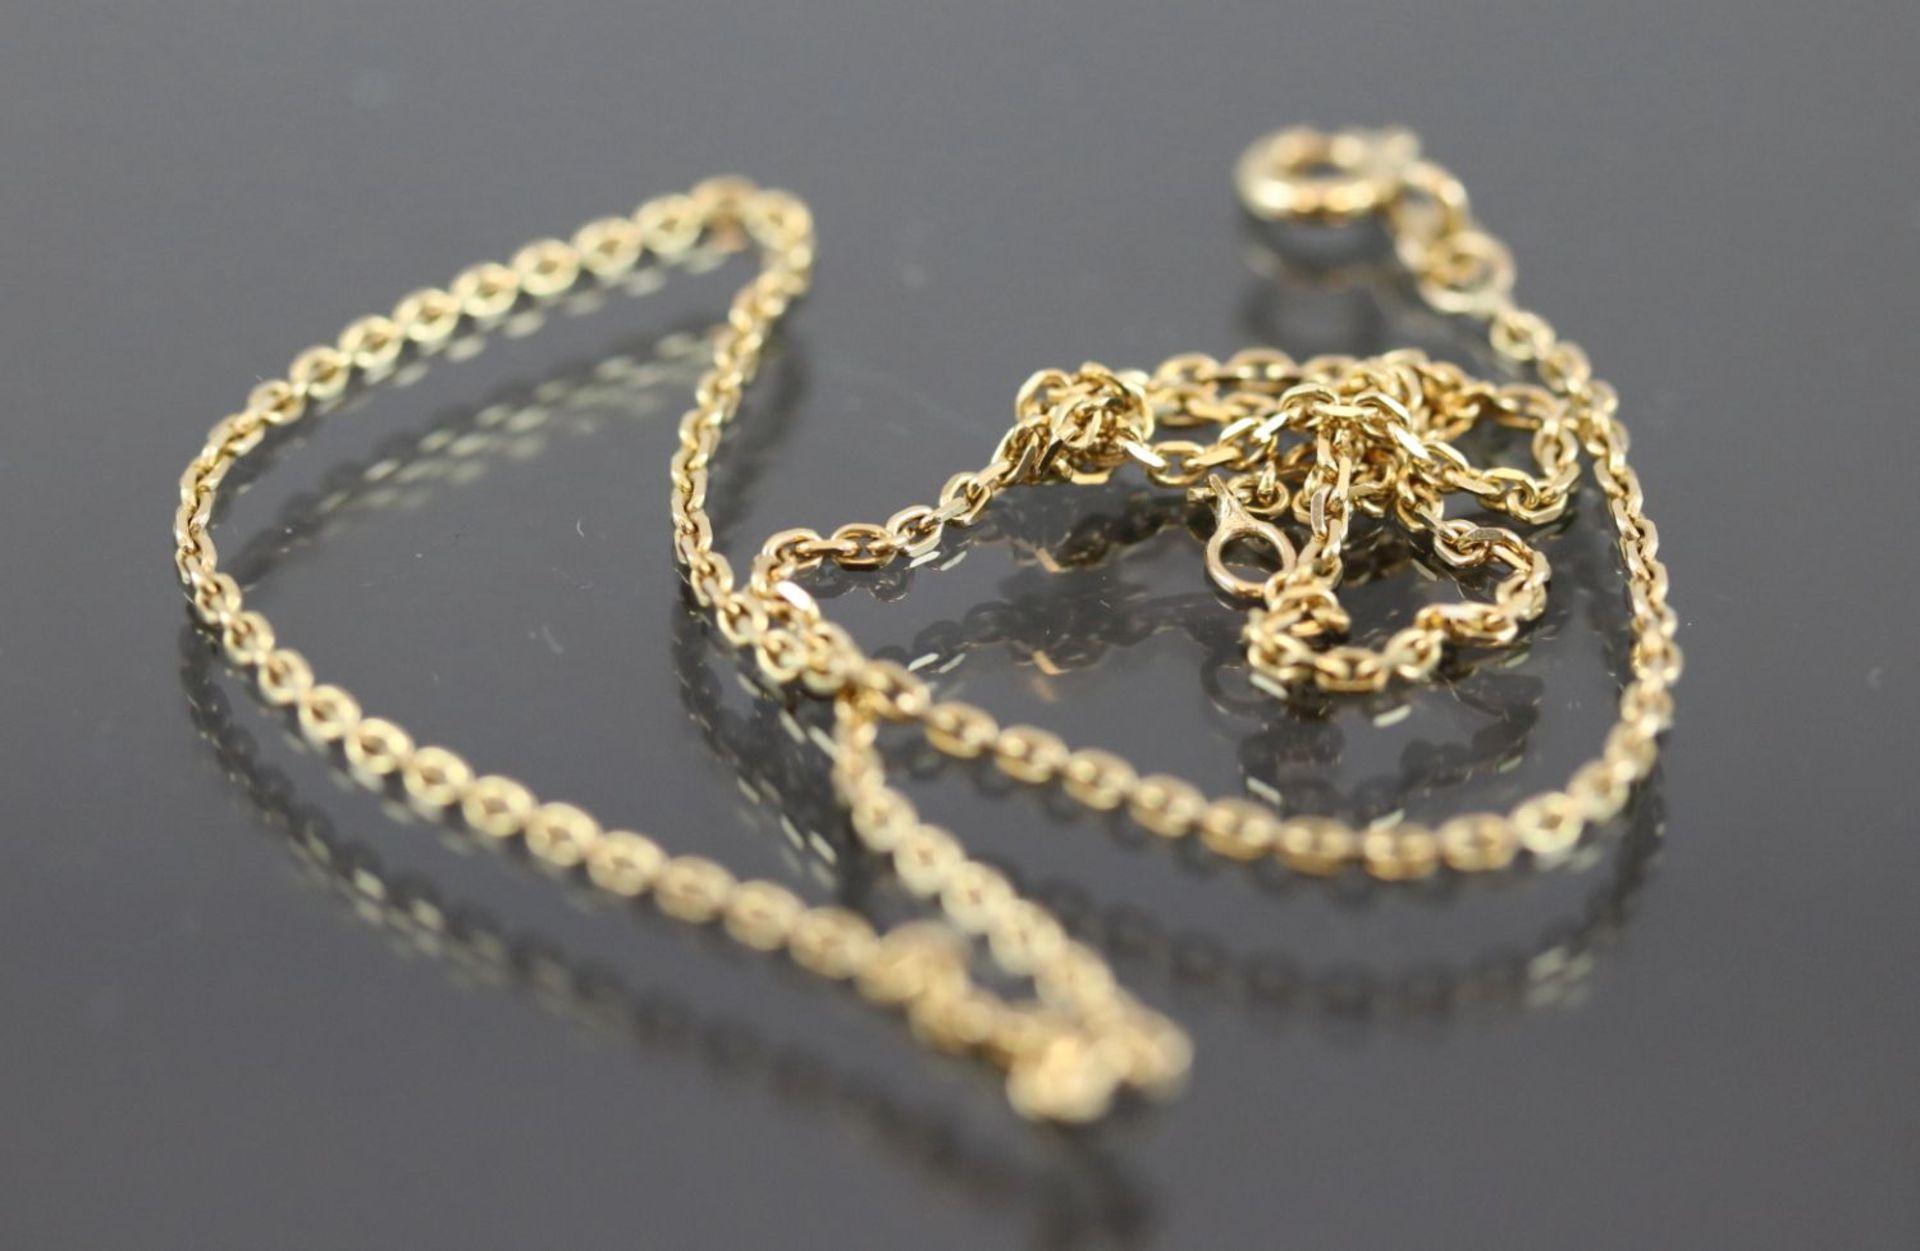 Los 20 - Goldkette, 585 Gelbgold3,9 Gramm Länge: 40 cm